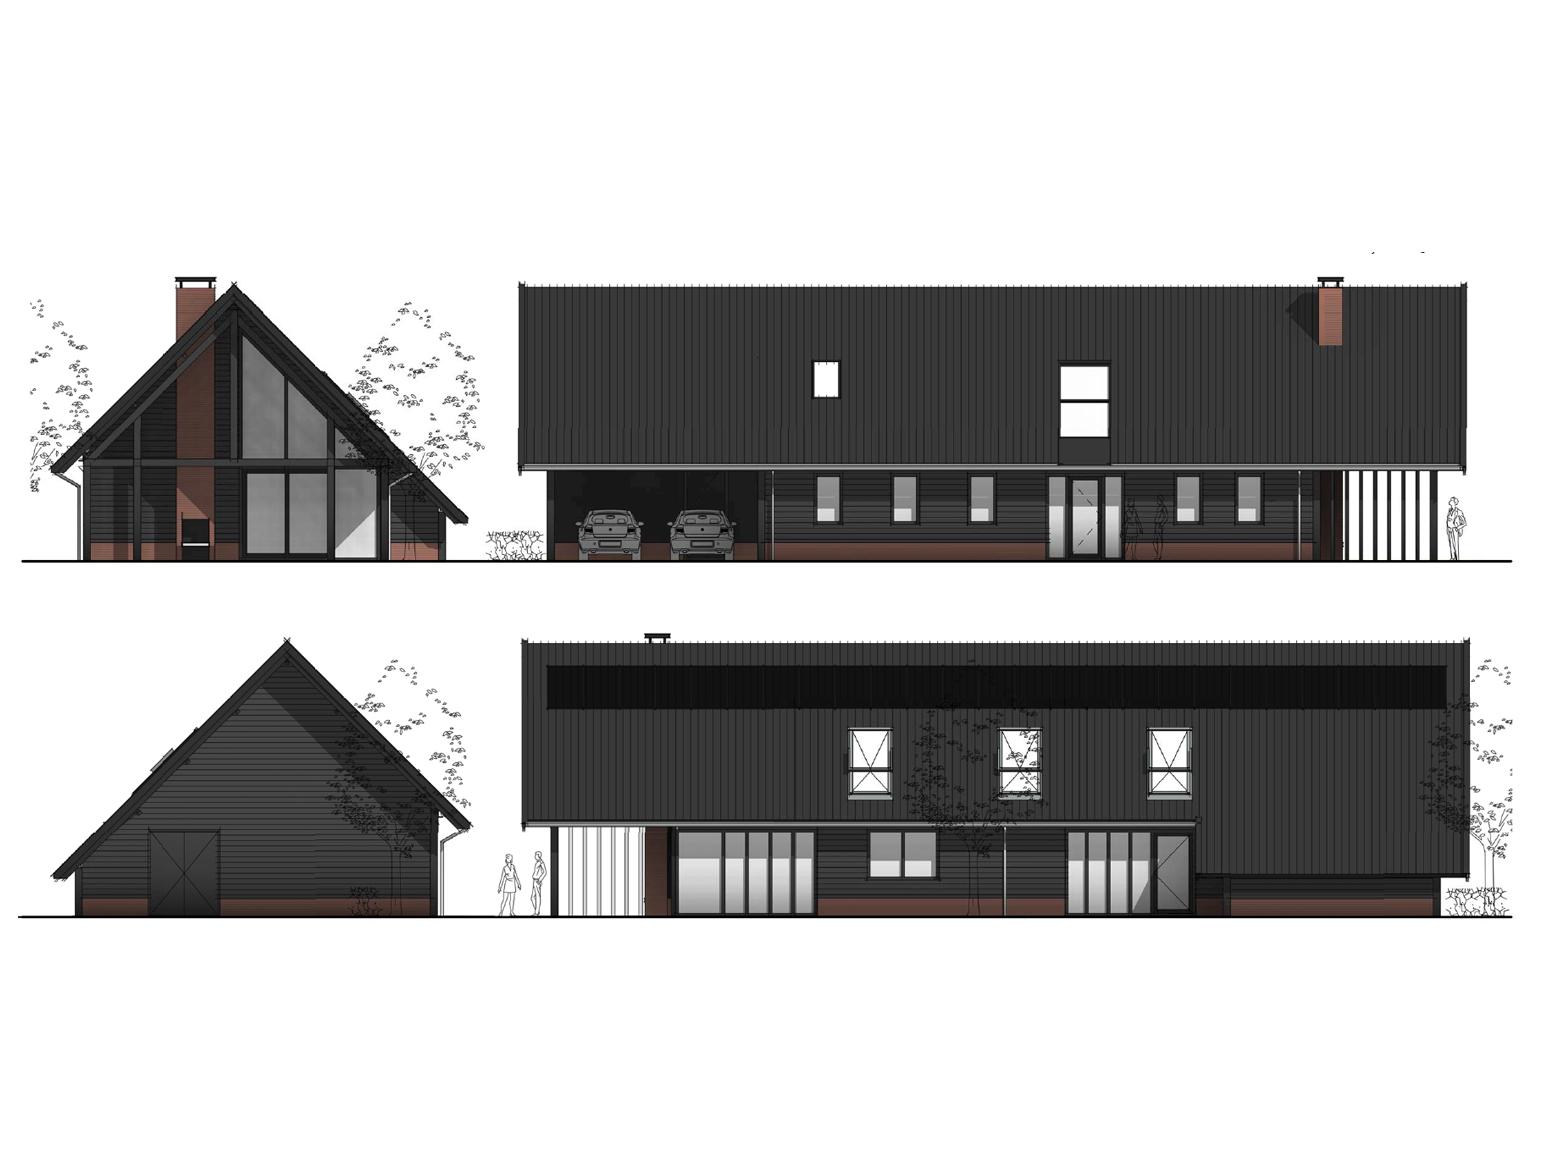 stoere-schuurwoning-klarenbeek-zwart-van-oord-architectuur-wenum-wiesel-apeldoorn-architect-2